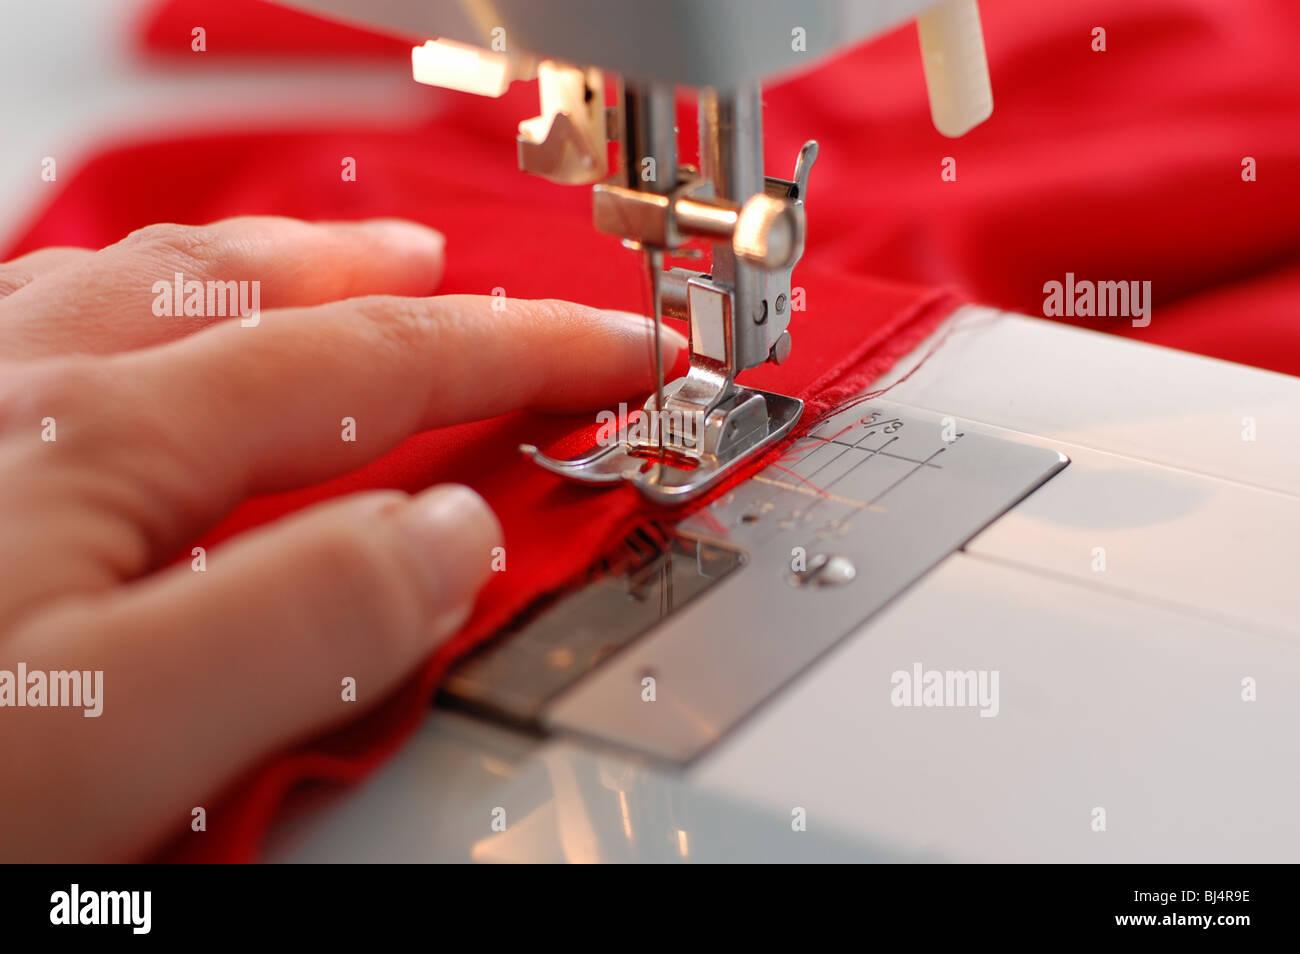 Una mano de una costurera apoyando un paño mientras la costura a máquina de coser. Foto de stock